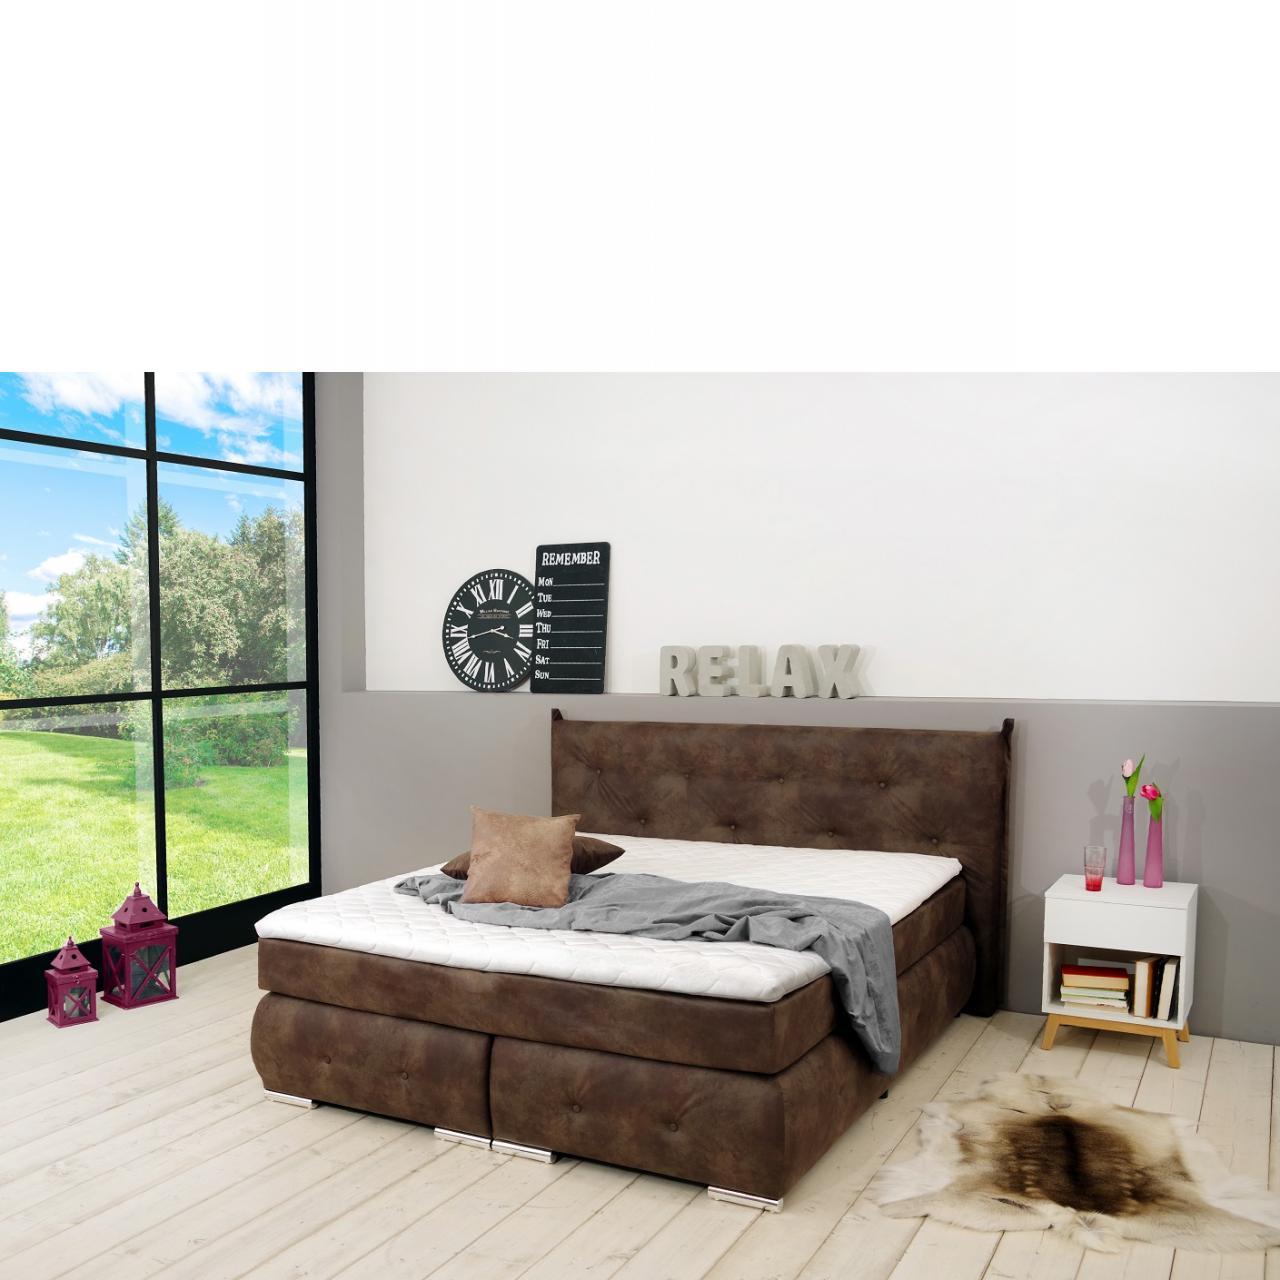 Full Size of Kommode Schlafzimmer Teppich Deckenleuchte Luxus Rauch Loddenkemper Set Günstig Stehlampe Weiss Günstige Truhe Lampe Schränke Komplett Komplettes Big Sofa Wohnzimmer Schlafzimmer Braun